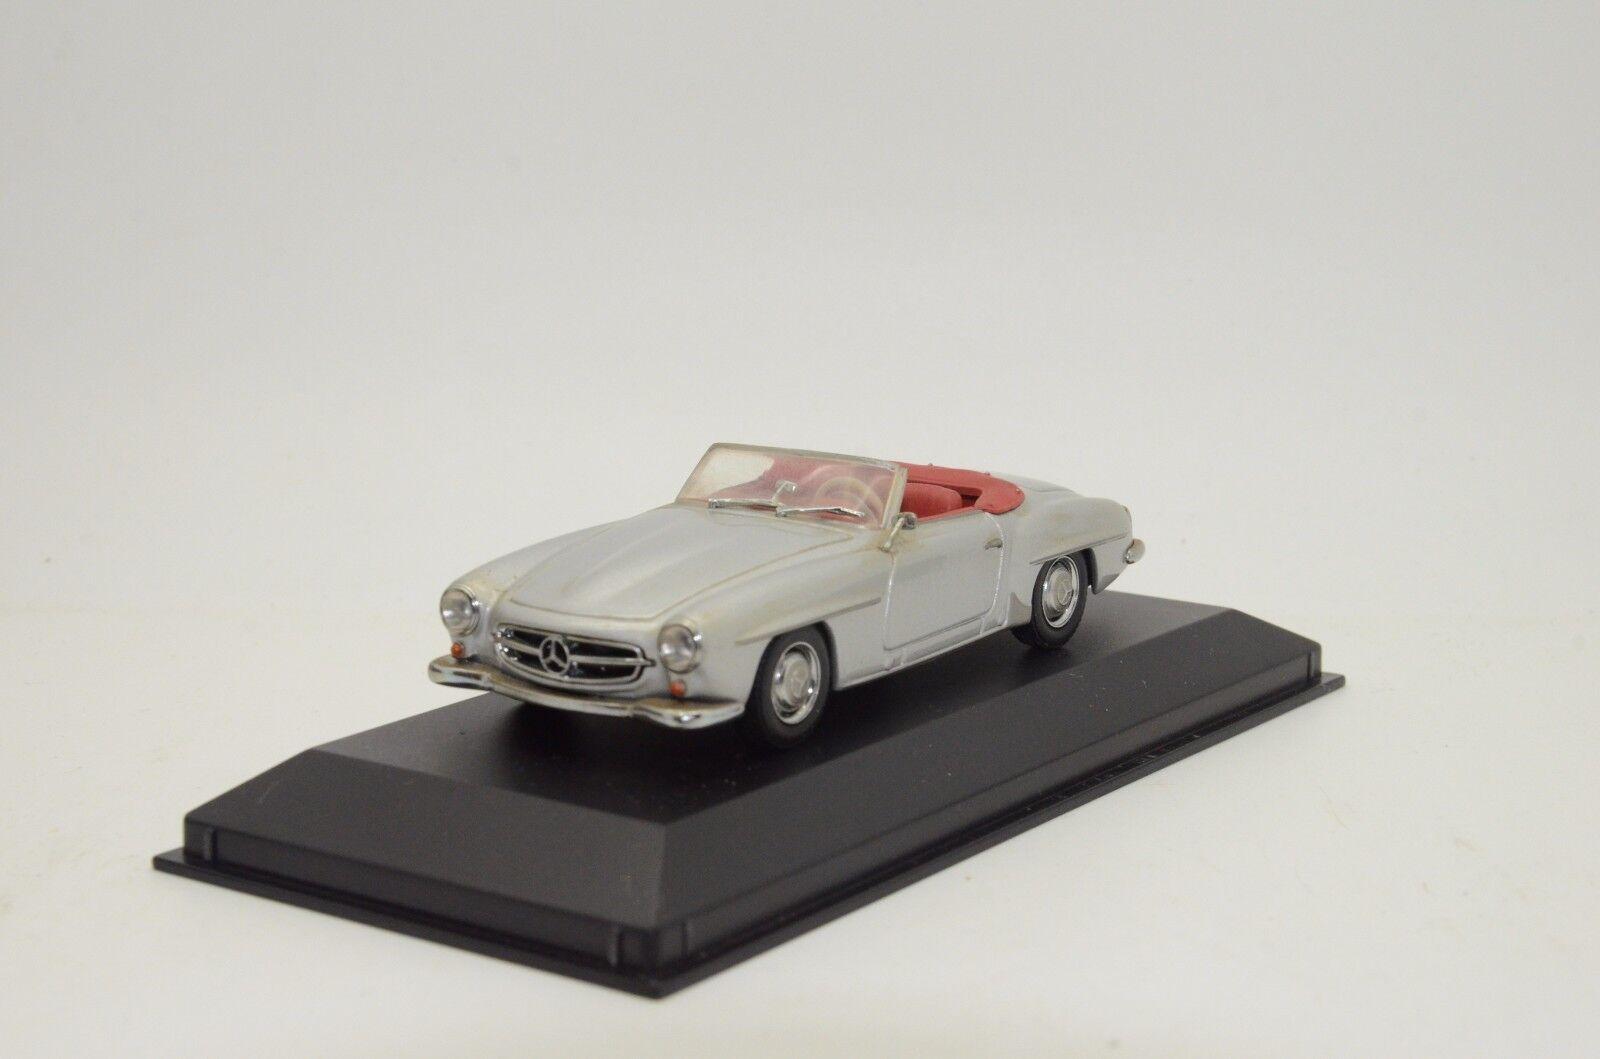 Raro Mercedes 190 Sl Cabrio 1955-62 Minichamps 033131 1 43